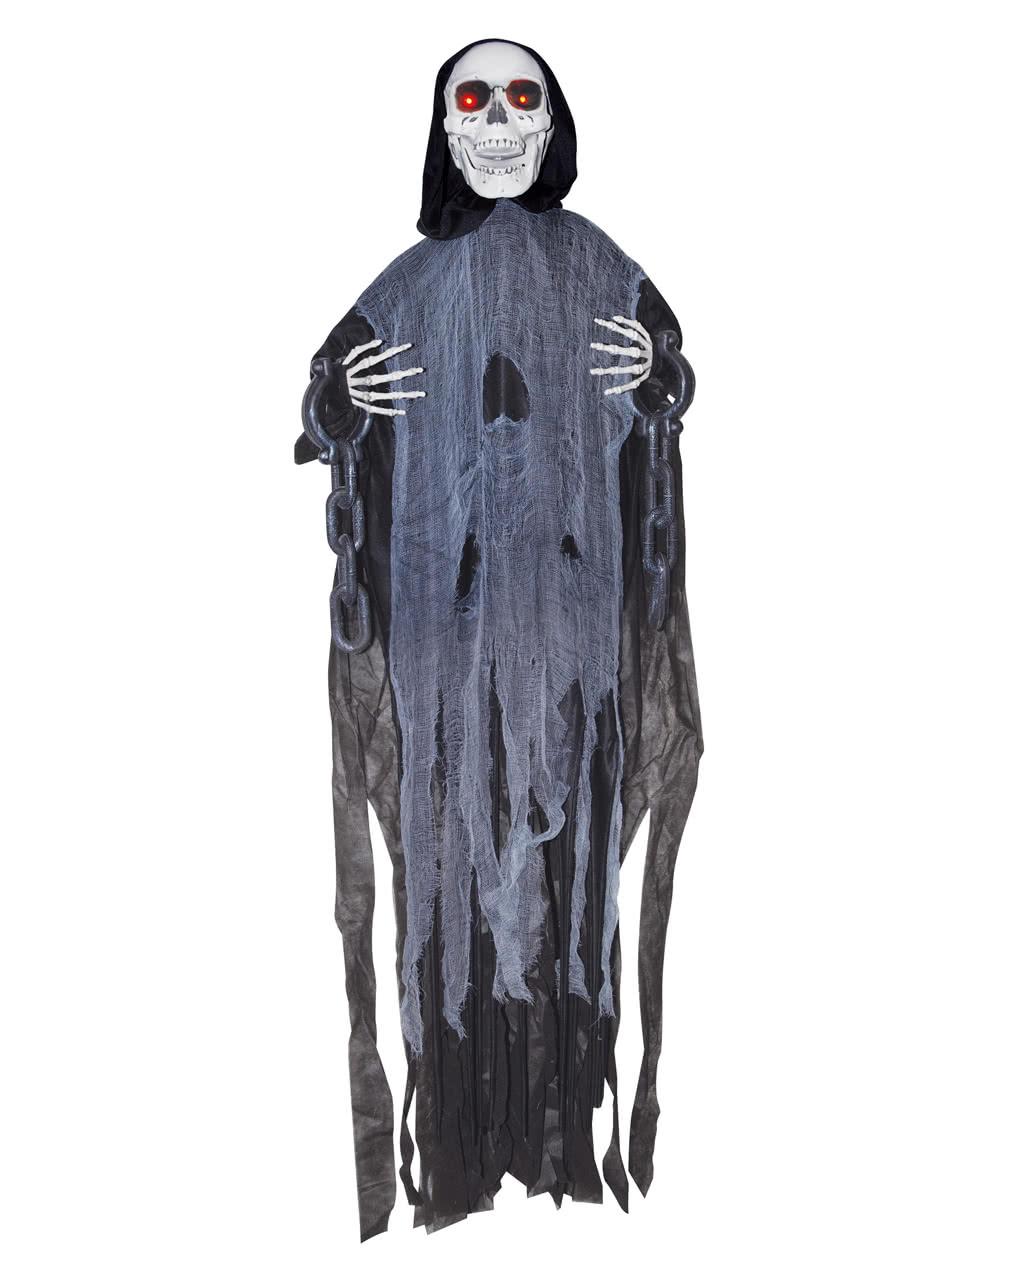 schwarzes geister skelett in ketten halloween animatronic halloween deko